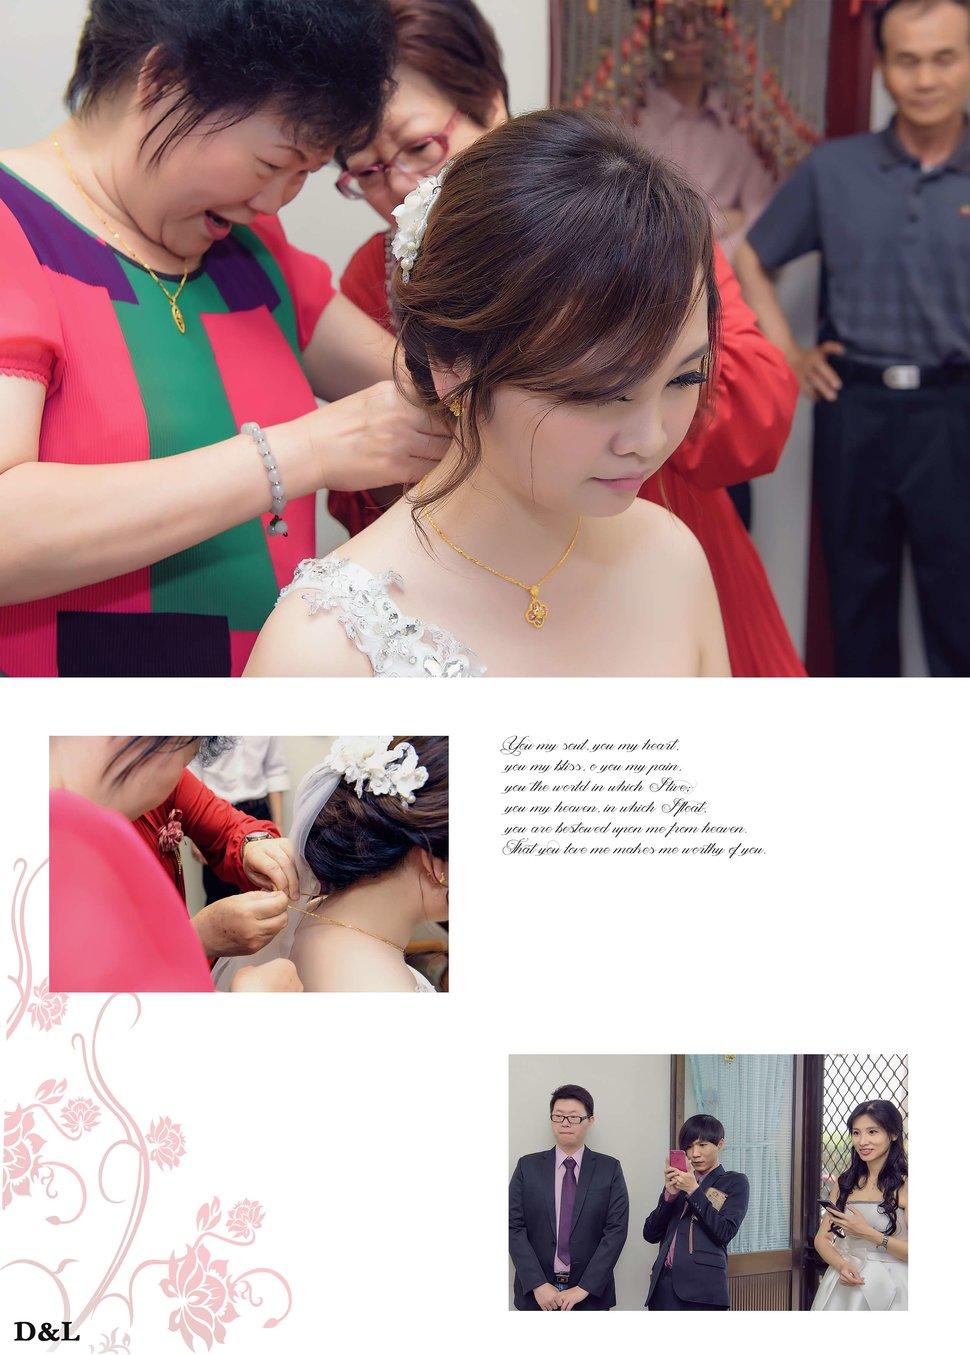 婚禮記錄 錦全&昀臻(編號:6101) - D&L 婚禮事務-婚紗攝影/婚禮記錄 - 結婚吧一站式婚禮服務平台